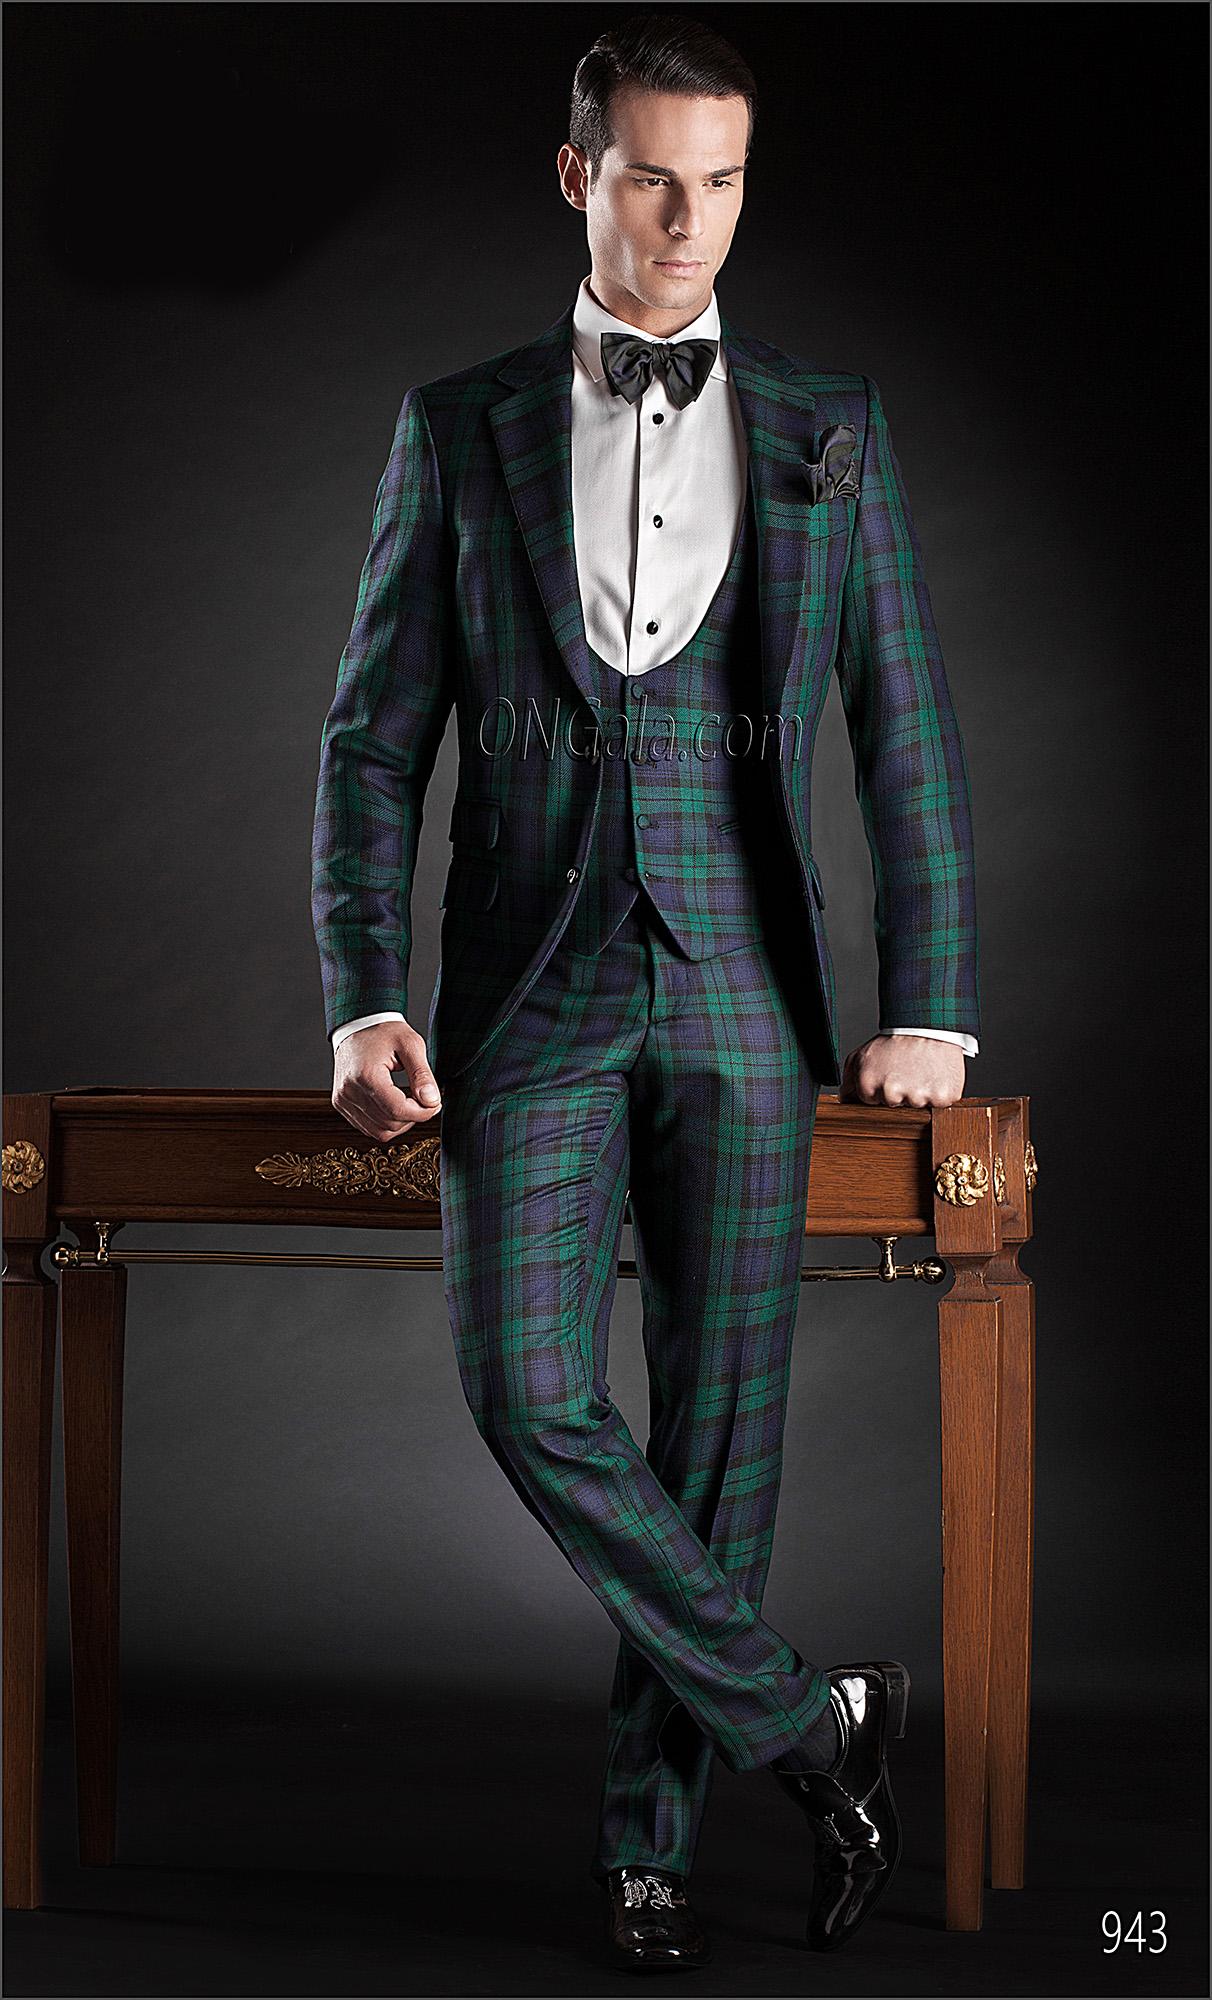 Blue And Green Tartan Suit Hardon Clothes